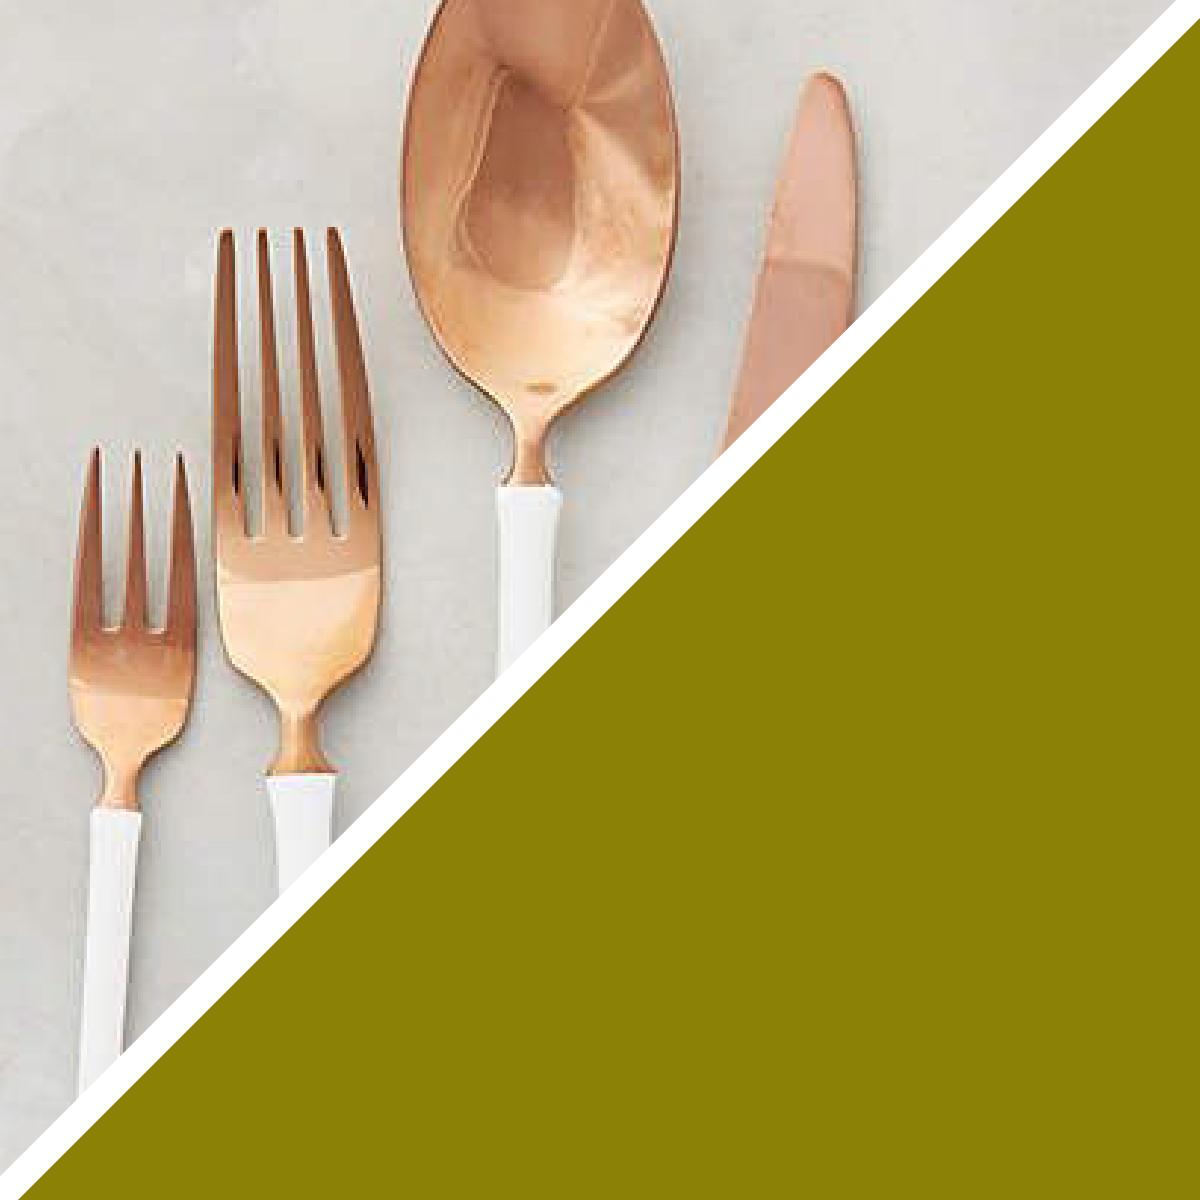 Forks-Olive.png